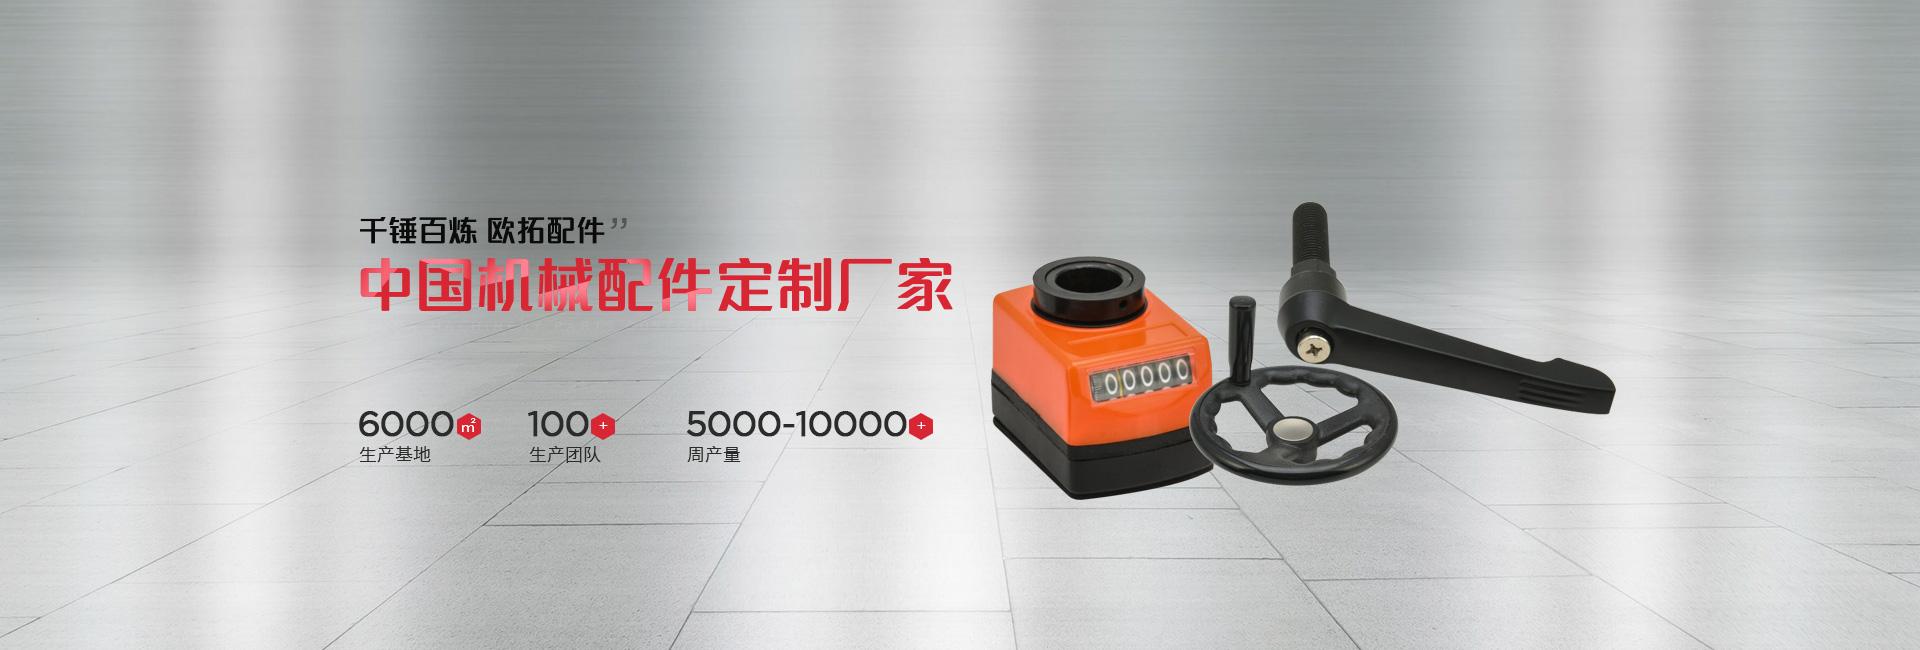 欧拓-中国机械配件定制厂家